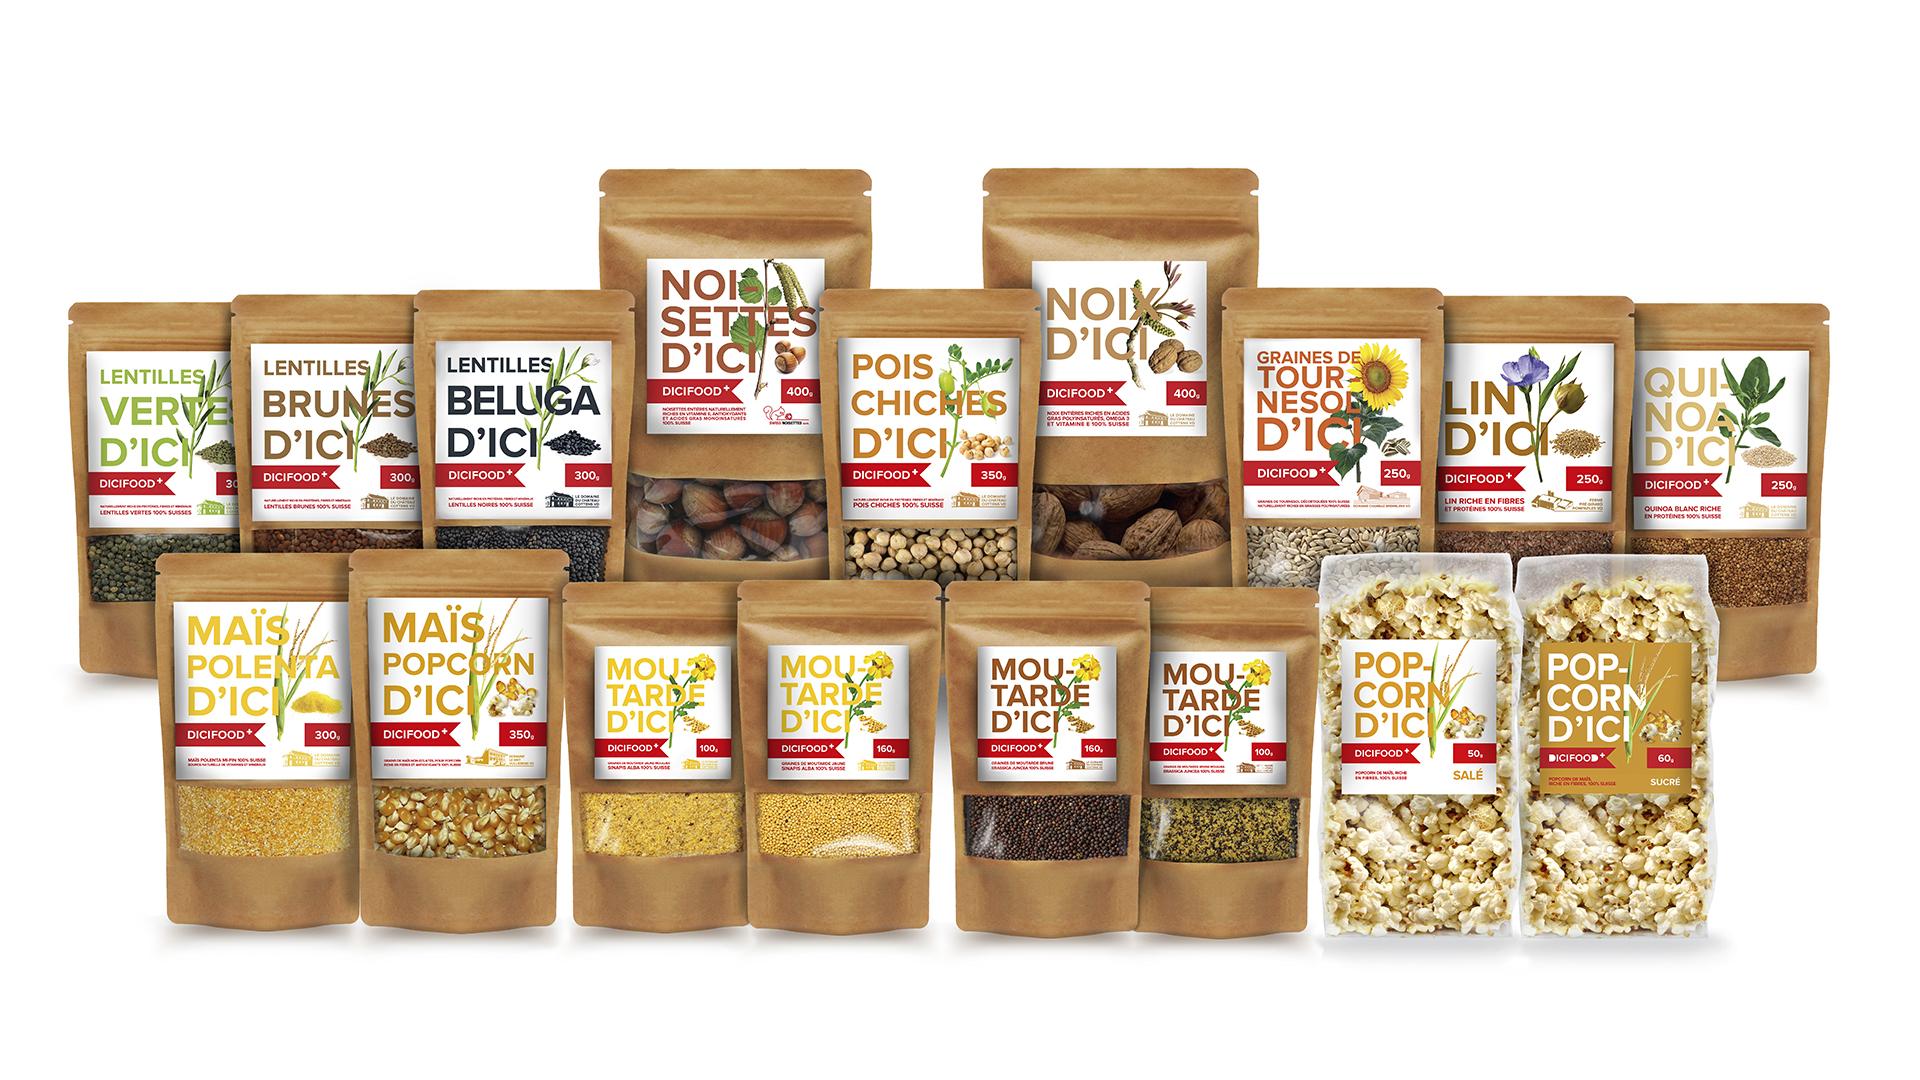 La qualité de nos produits est la pierre angulaire de notre démarche. Chez Dicifood, il nous tient à coeur de proposer des produits savoureux et authentiques, produits avec respect et passion.